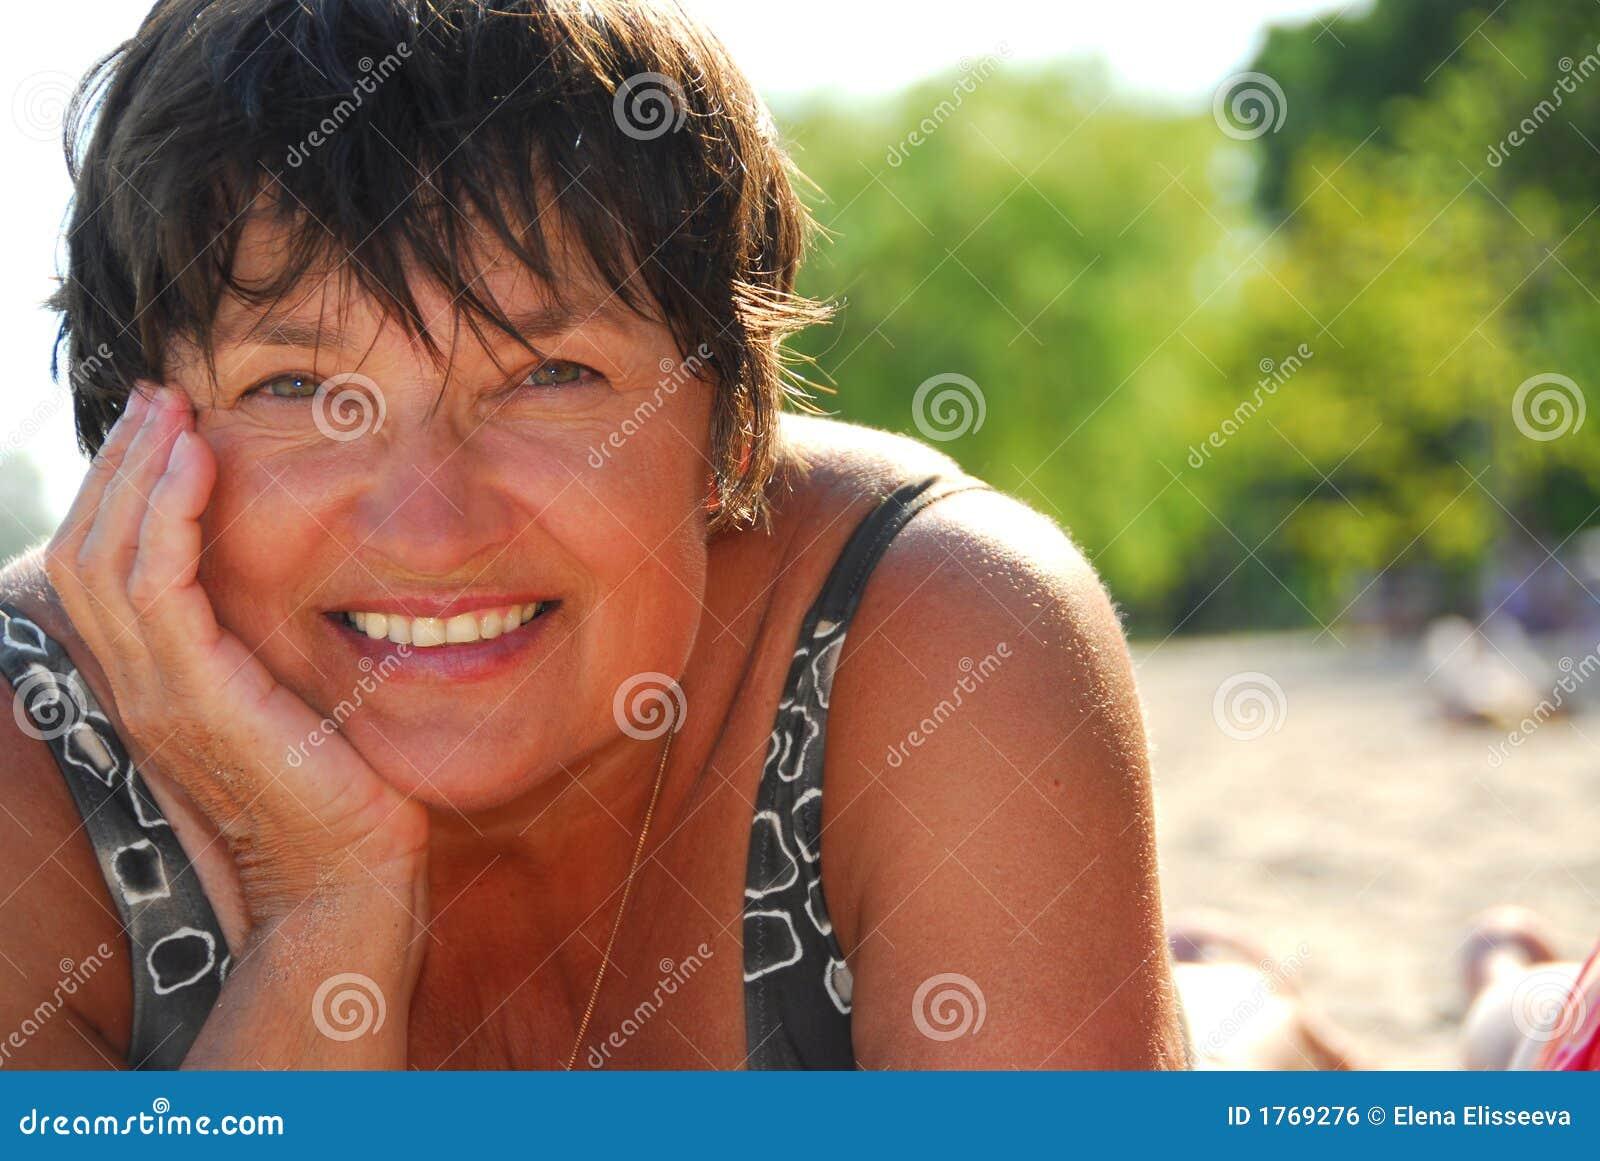 Spain beach voyeur